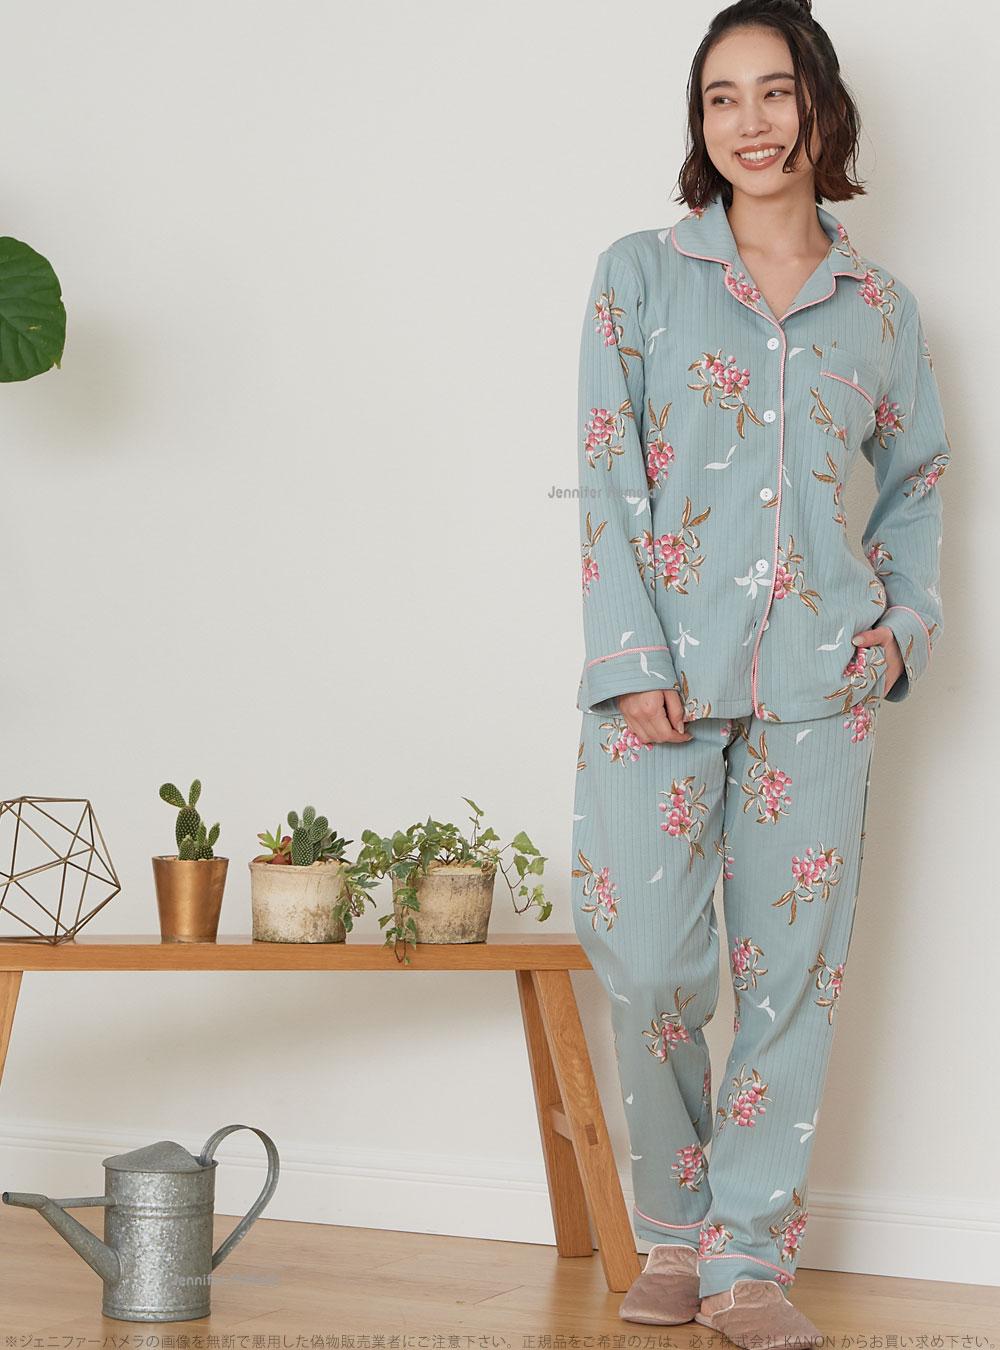 綿100% ルームウェア レディース 上下セット パジャマ 長袖 フロラシル Floracil ジェニファーパメラ